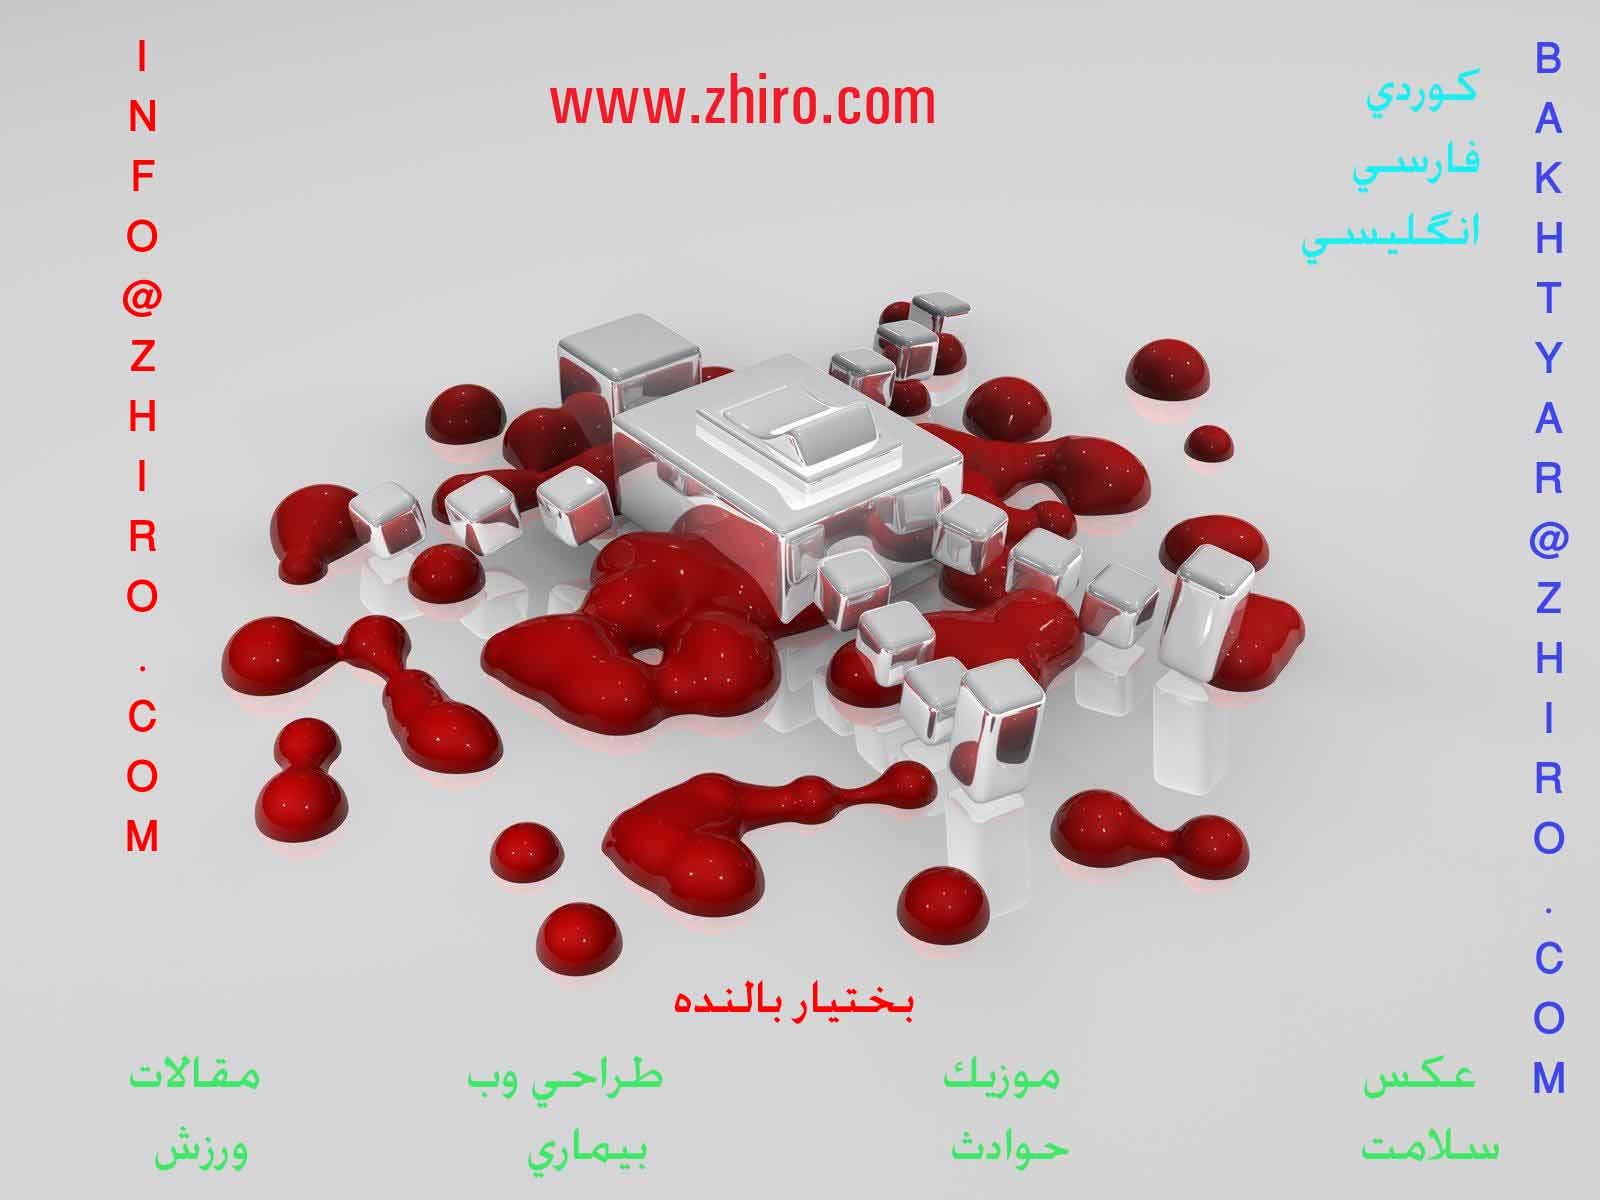 زریبار - به روز رسانی :  7:15 ع 90/3/30 عنوان آخرین نوشته : ادعای کذب سرهنگ تقی ایروانی ، فرمانده یگان حفاظت از جنگلها و مرا